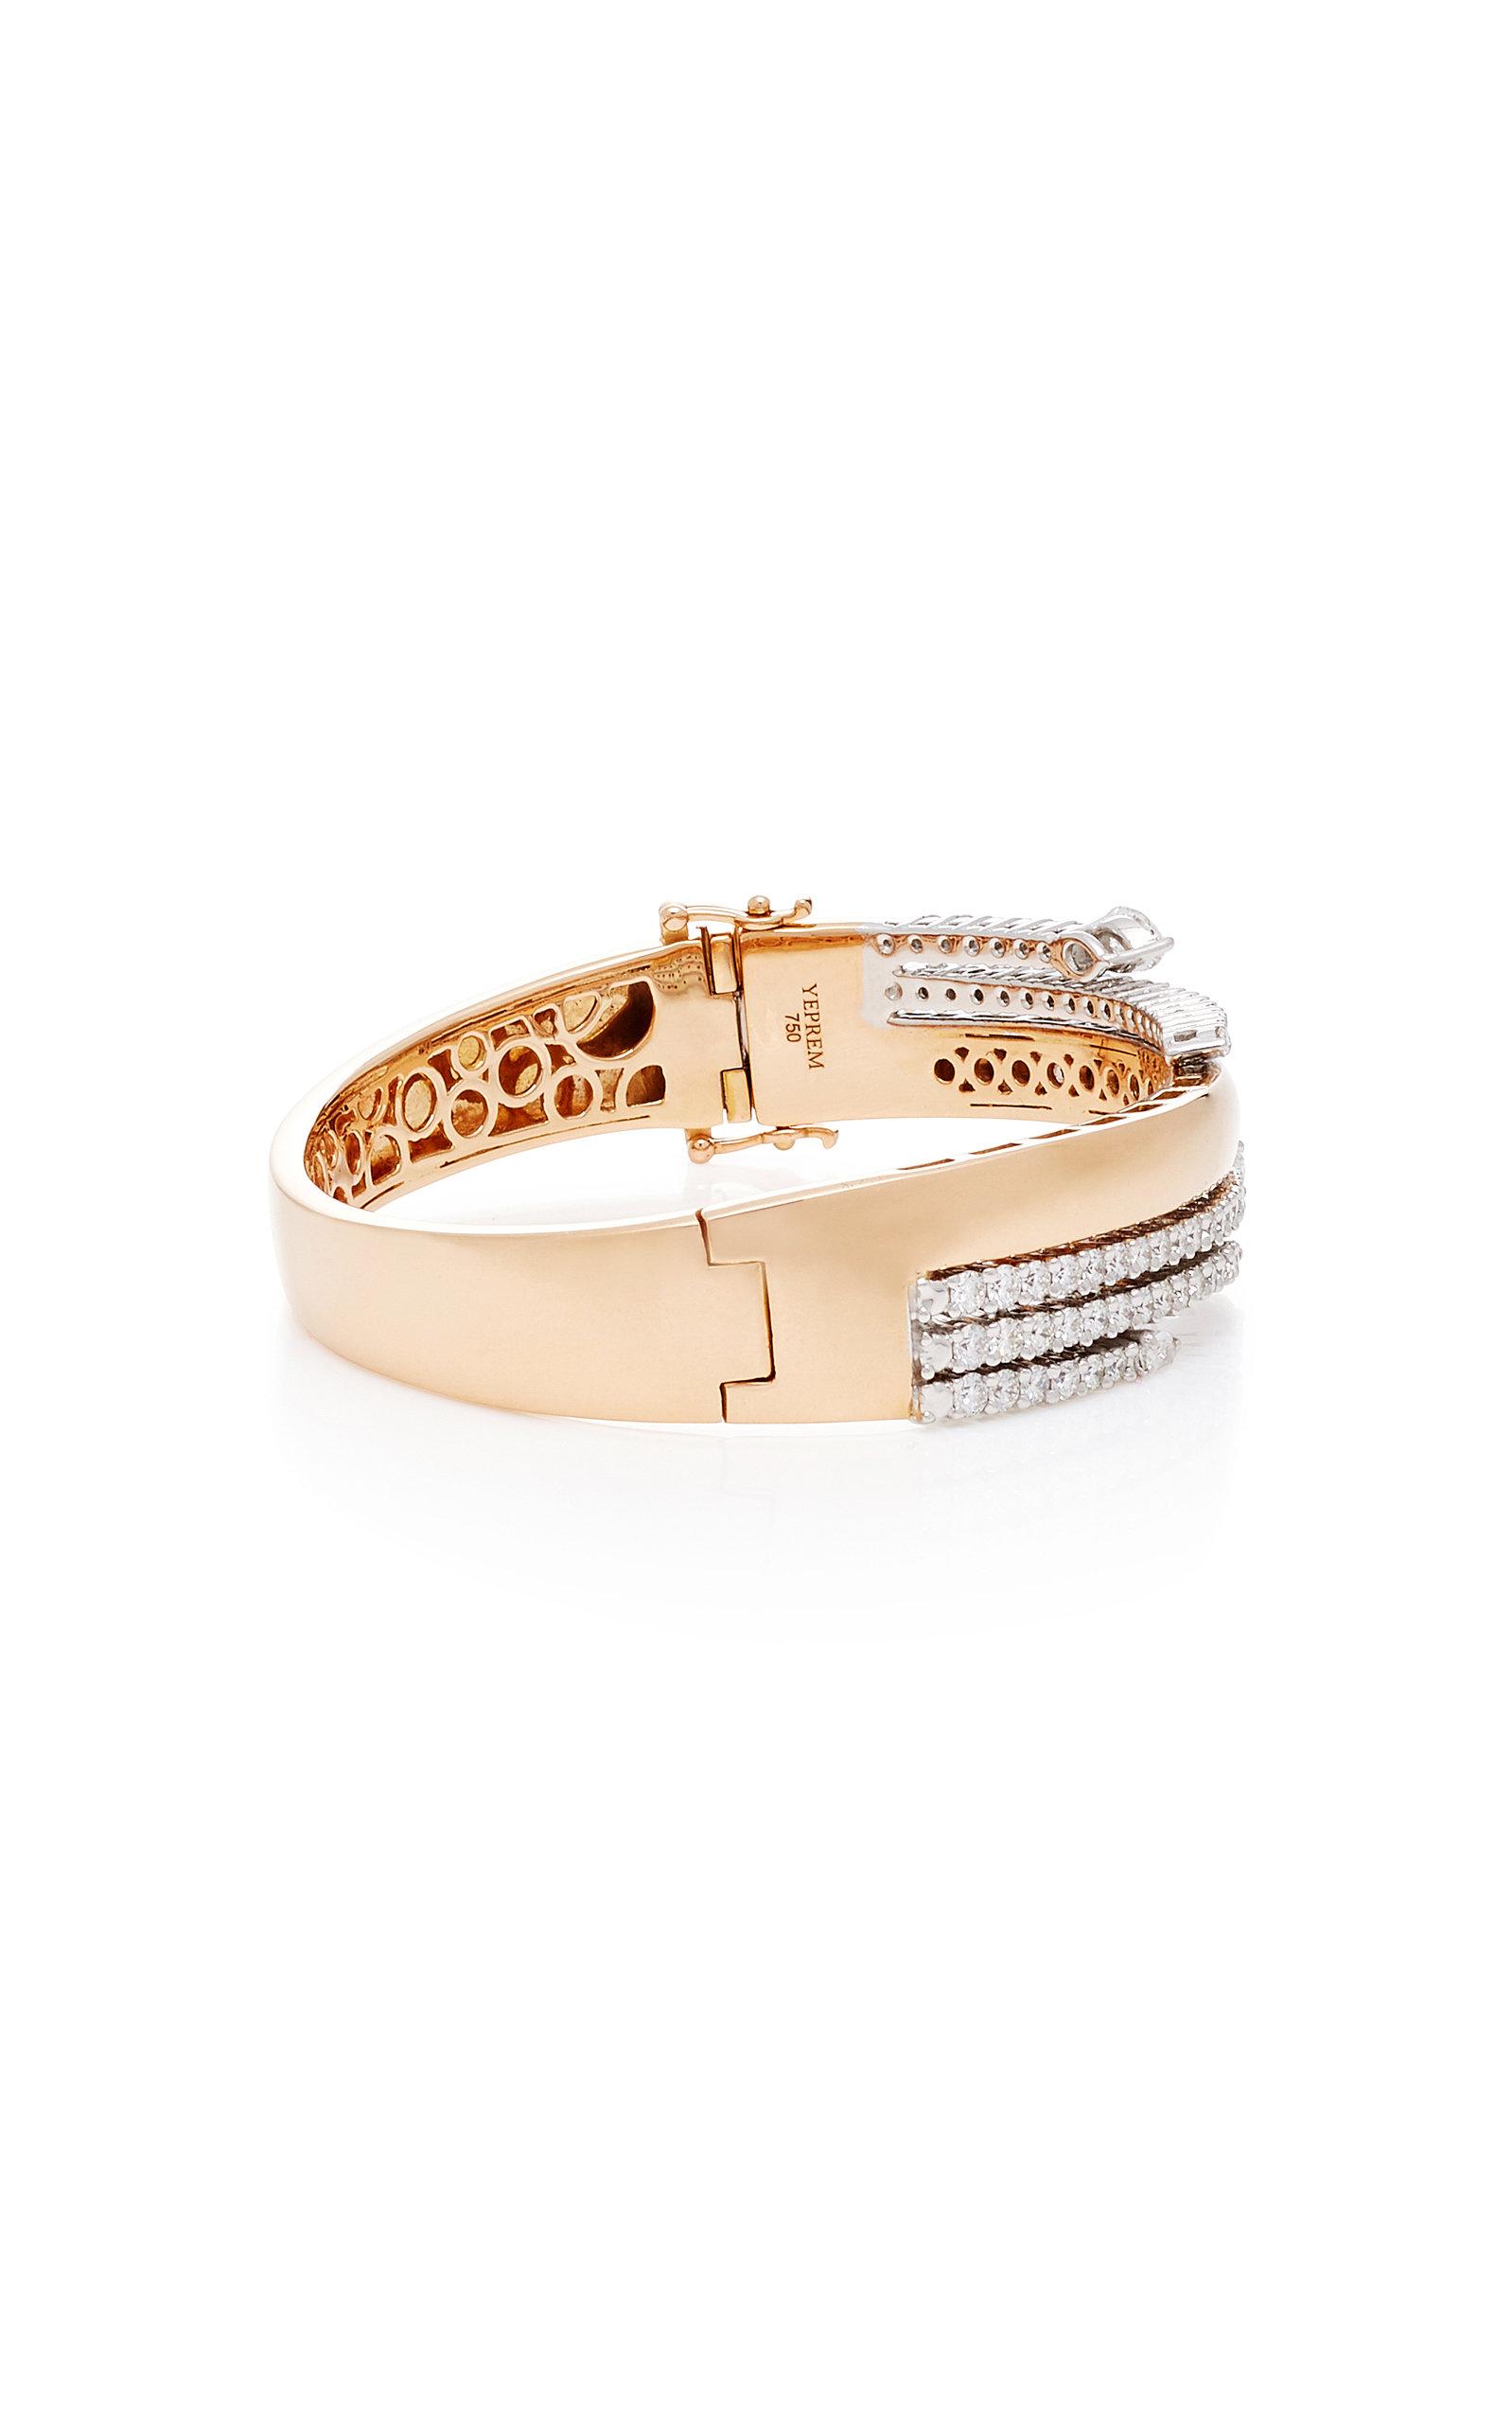 Yeprem Pink Starda Bracelet tEwFoJ7xLY